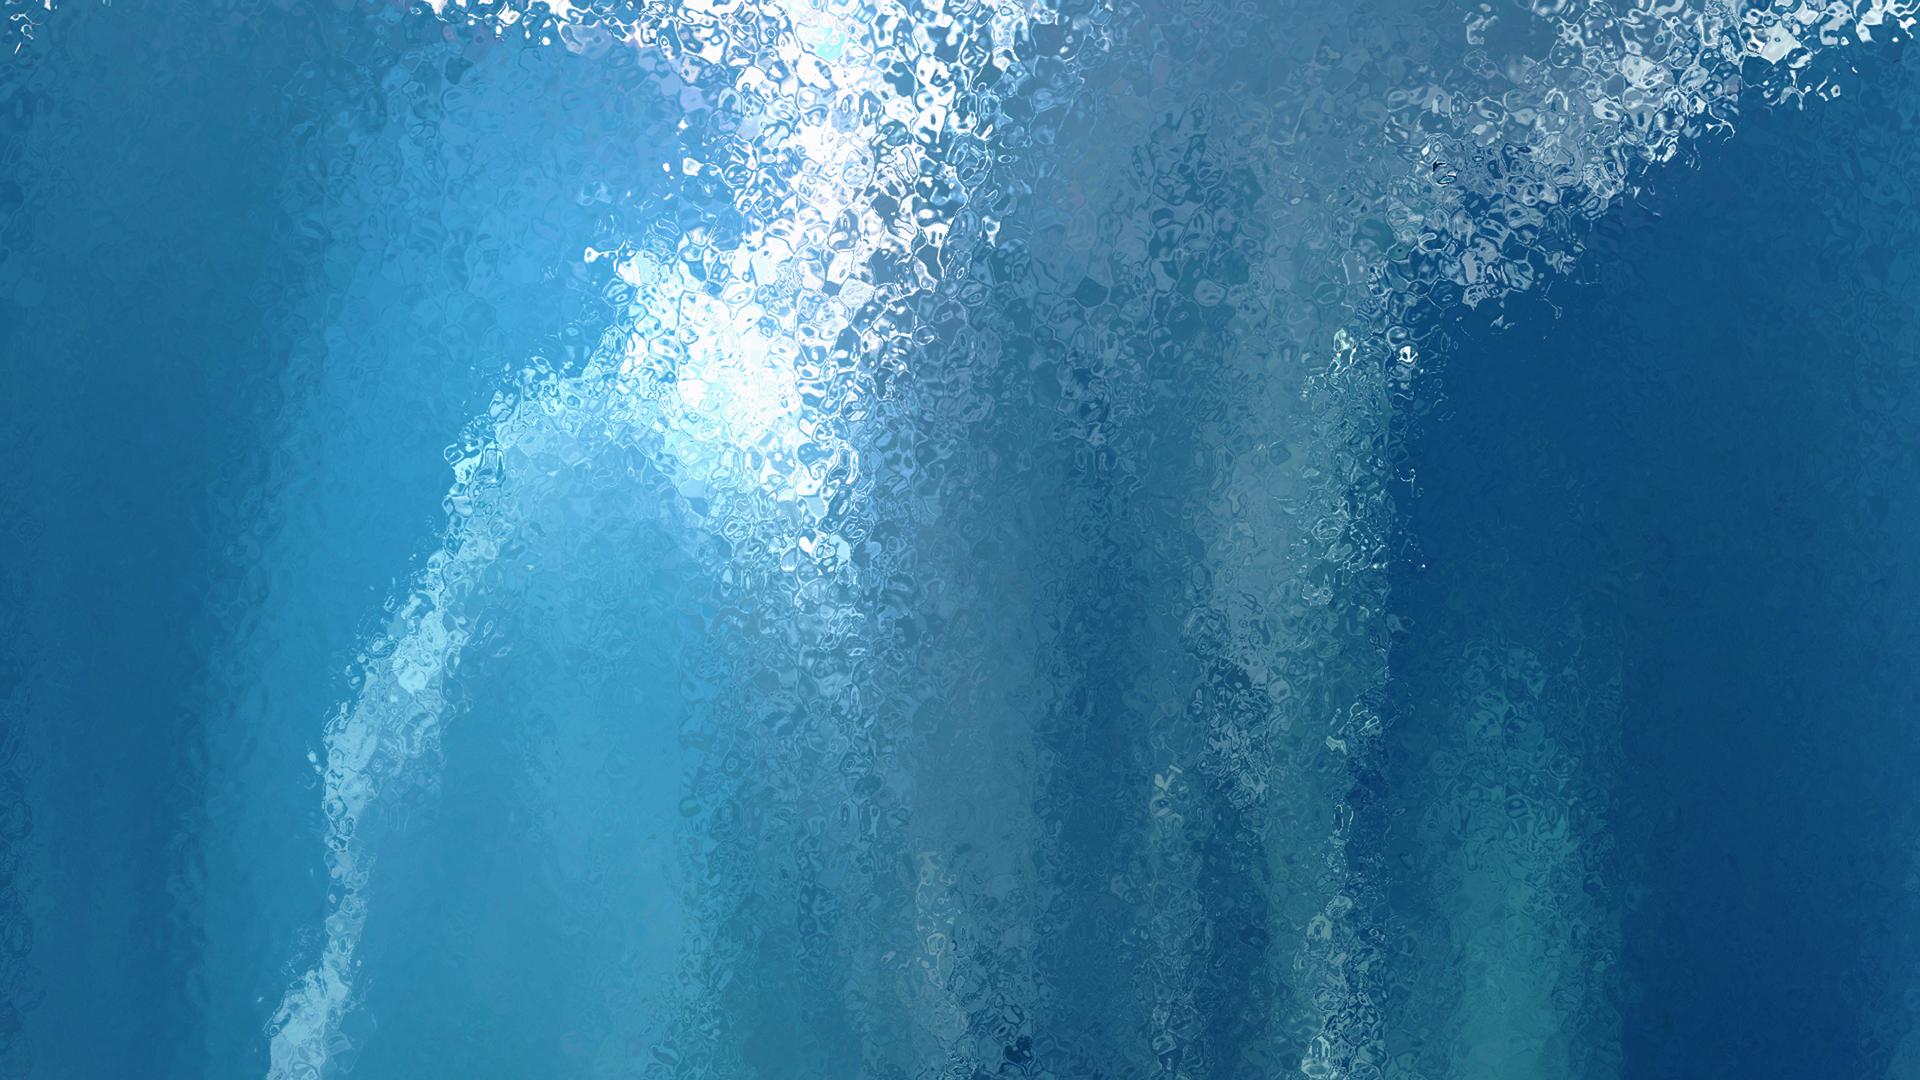 download 1920x1080 calm sea - photo #29